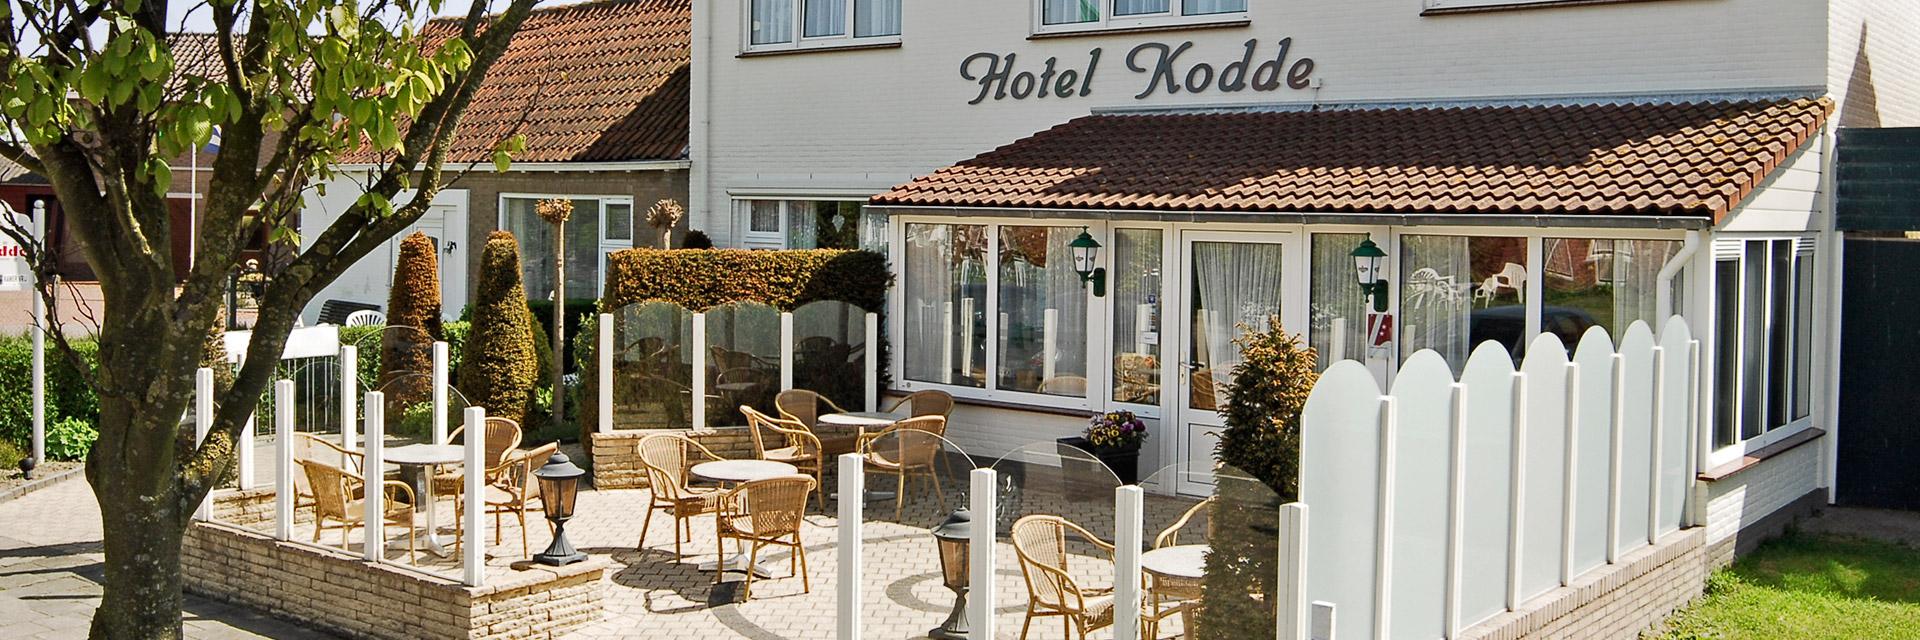 hotel-kodde-aagtekerke_JJM0944-1920x640